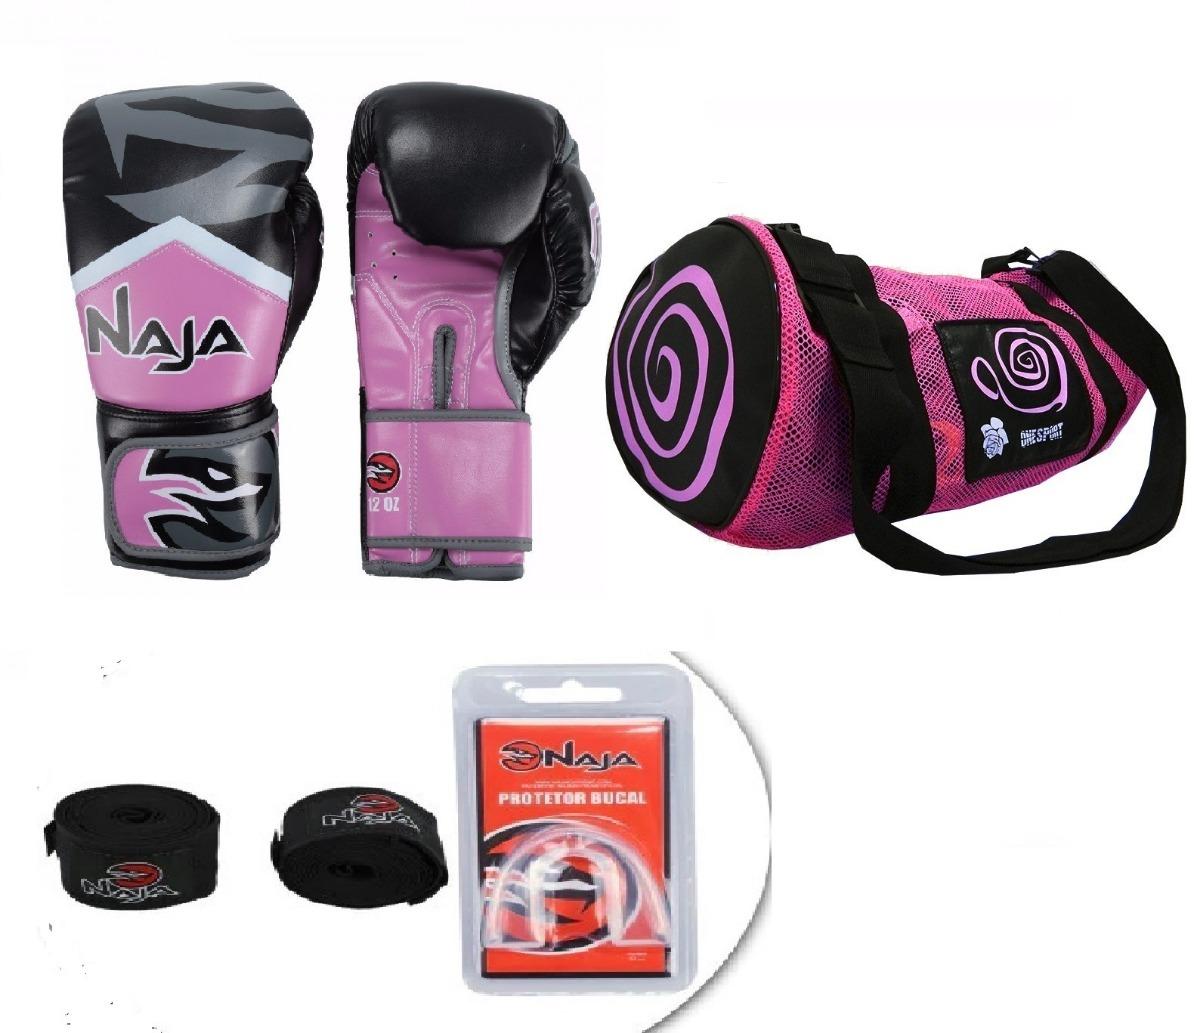 32c0e6aa9 kit boxe muay thai luva naja extreme rosa + bolsa acessórios. Carregando  zoom.